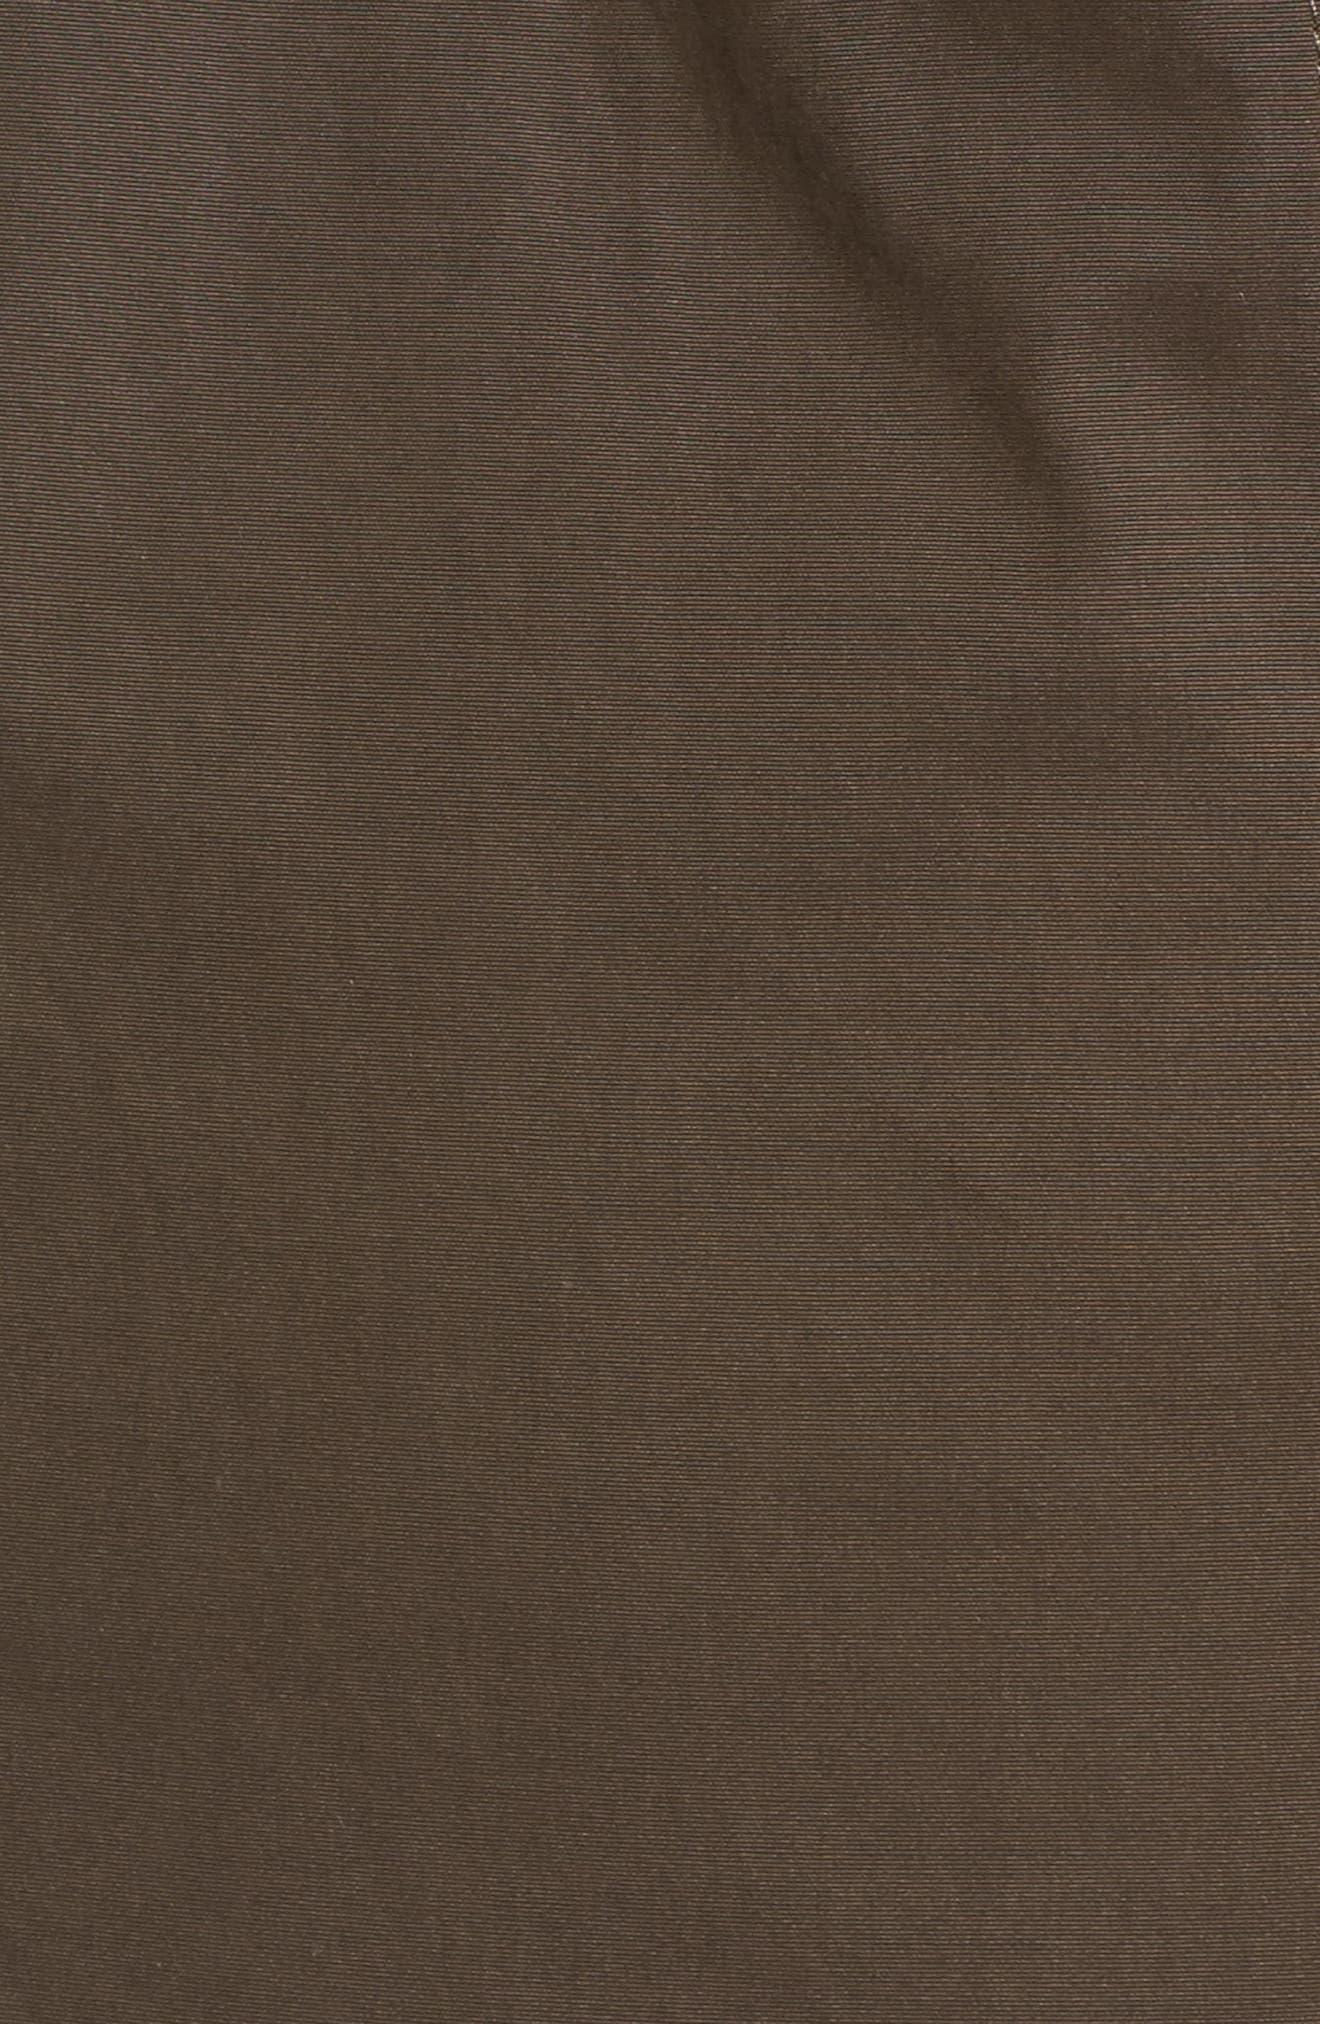 Parka with Removable Faux Fur Trim Hood,                             Alternate thumbnail 6, color,                             385